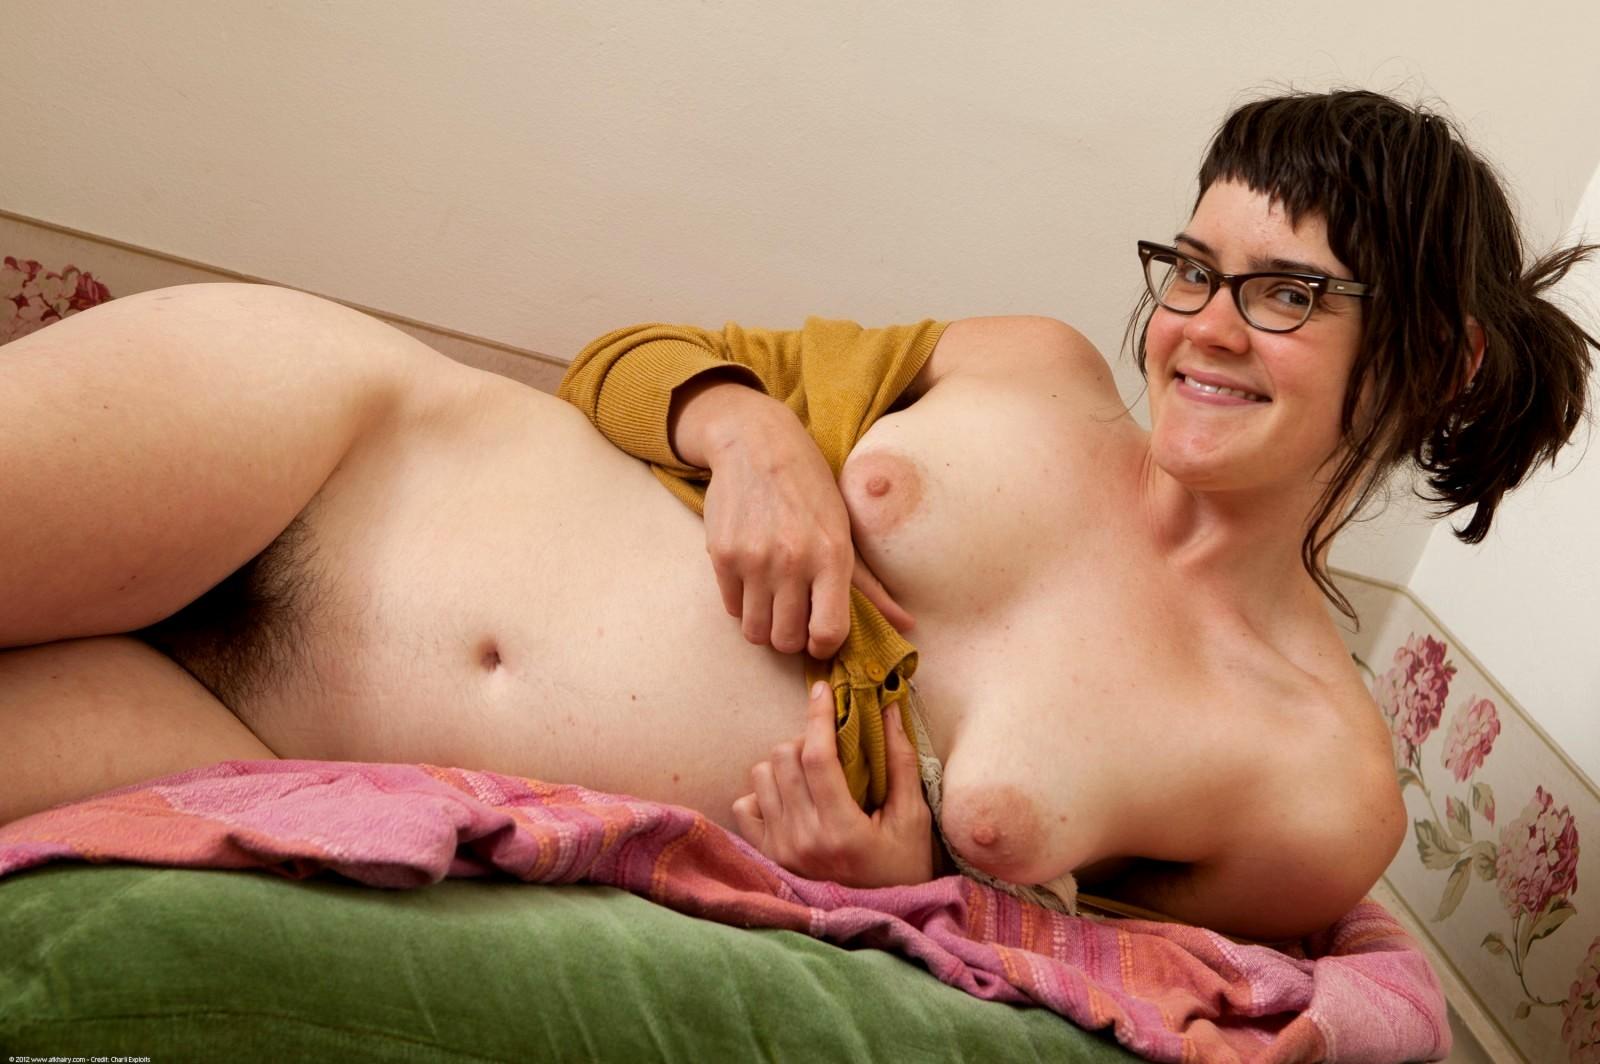 Mature sexcams nerd women sex tube women sex